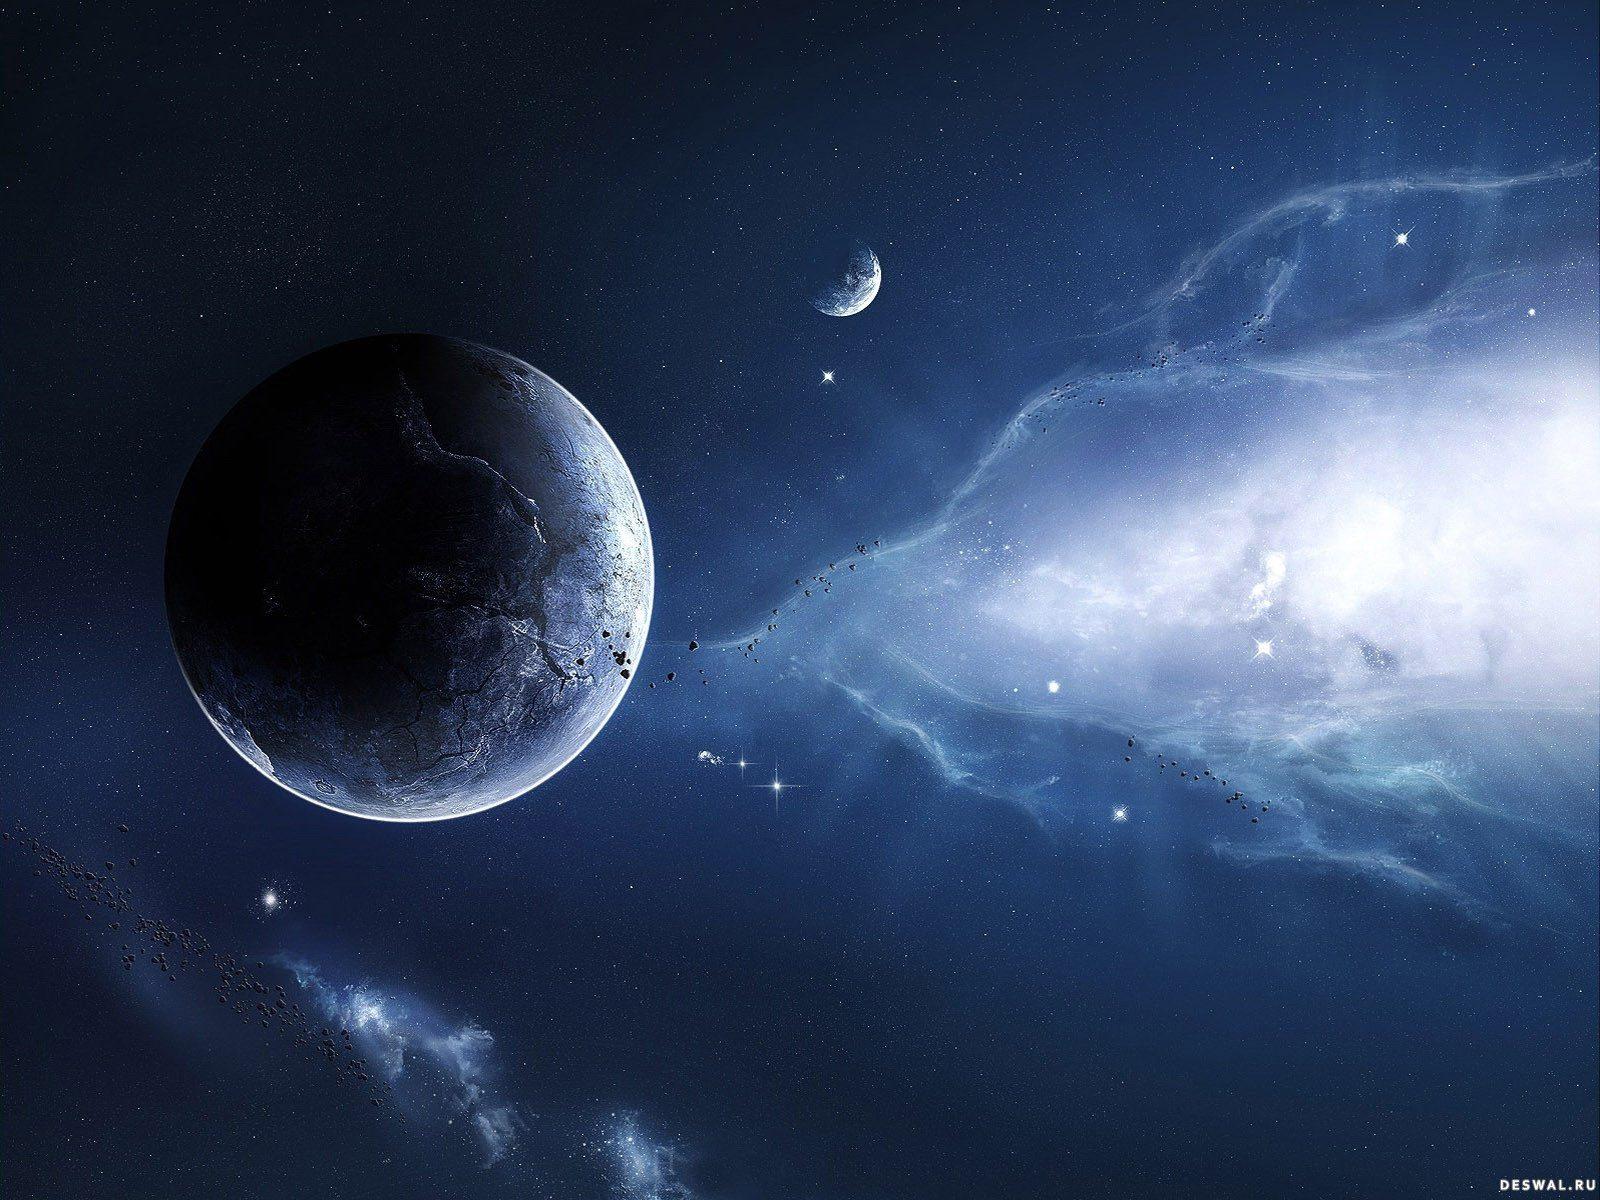 Фото 3.. Нажмите на картинку с обоями космоса, чтобы просмотреть ее в реальном размере